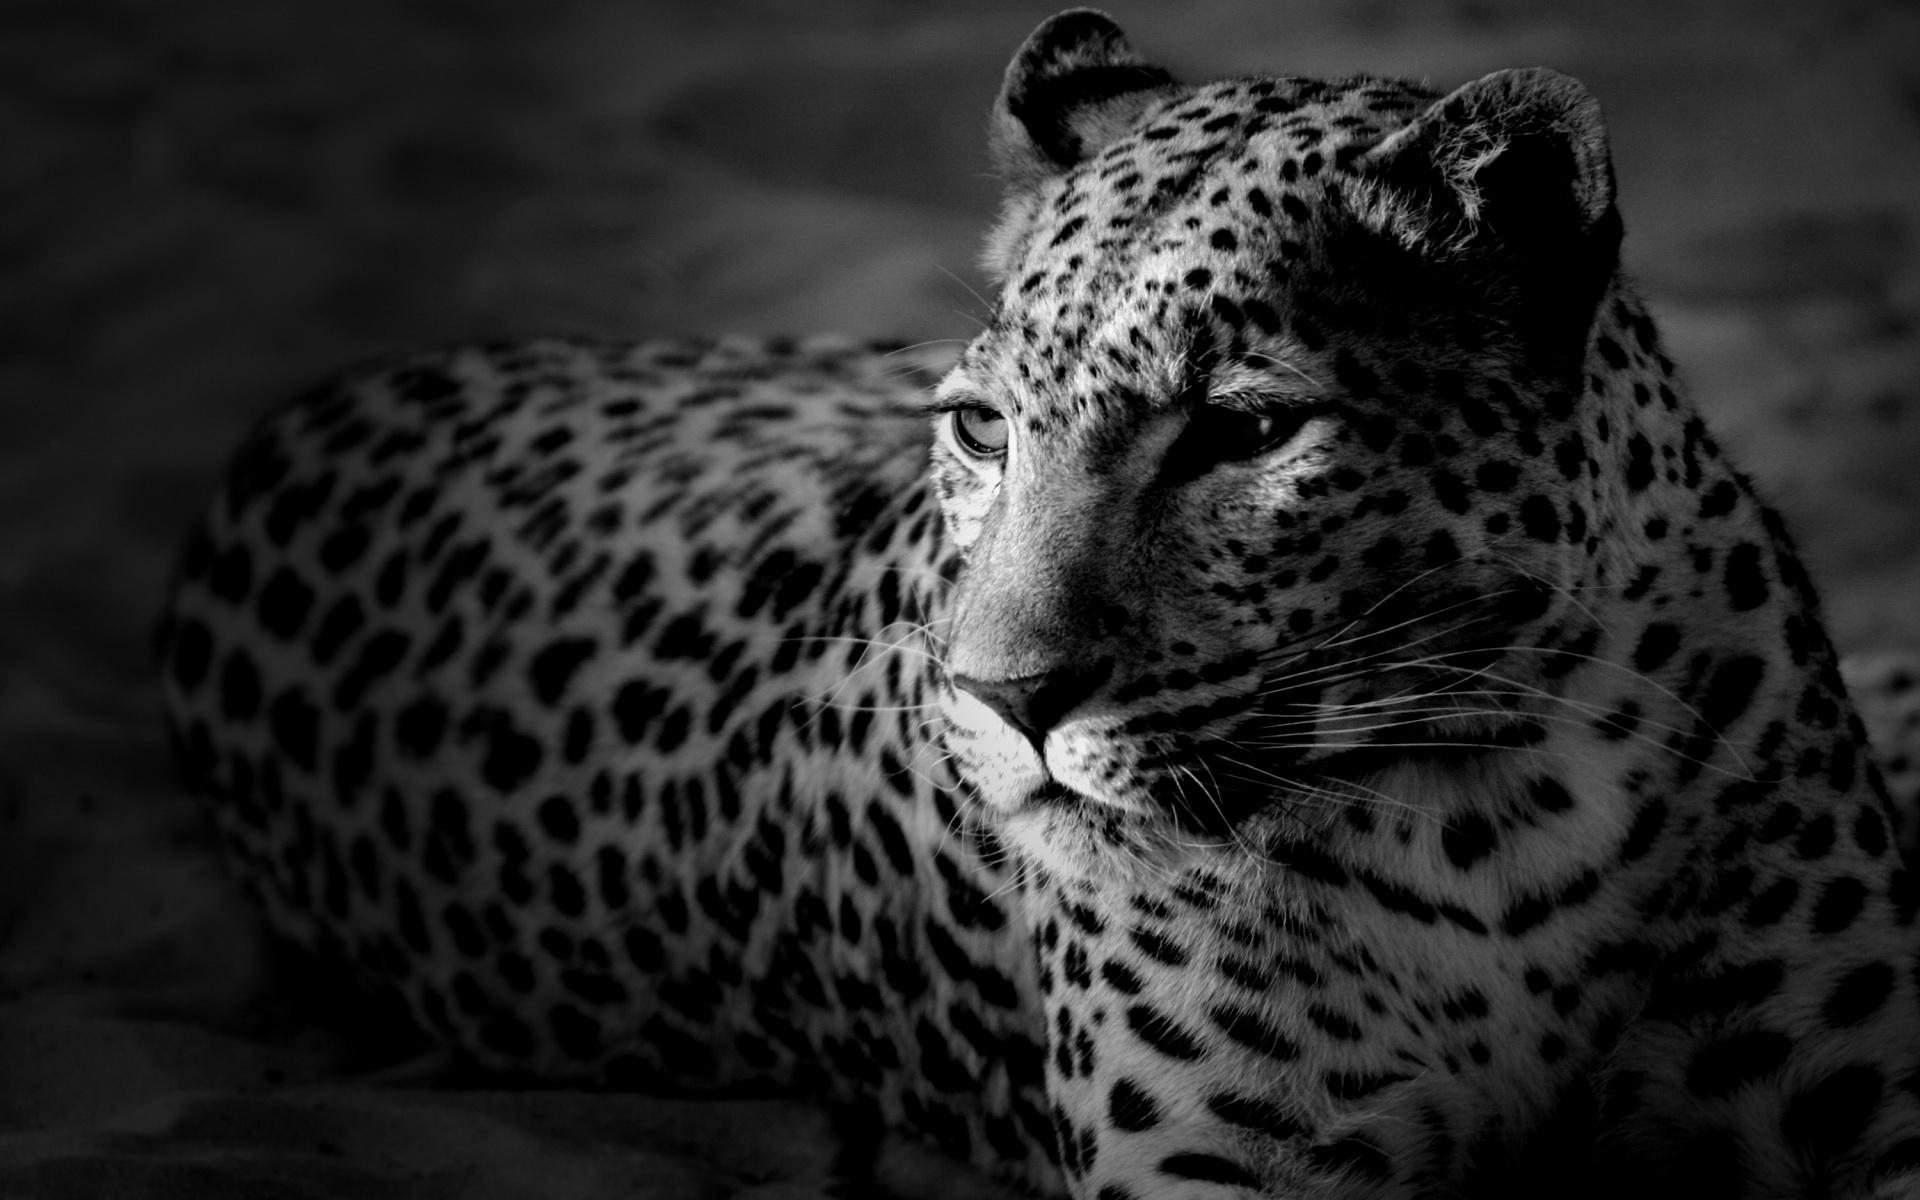 图片标题:动物世界-狮虎豹03(1920x1200)